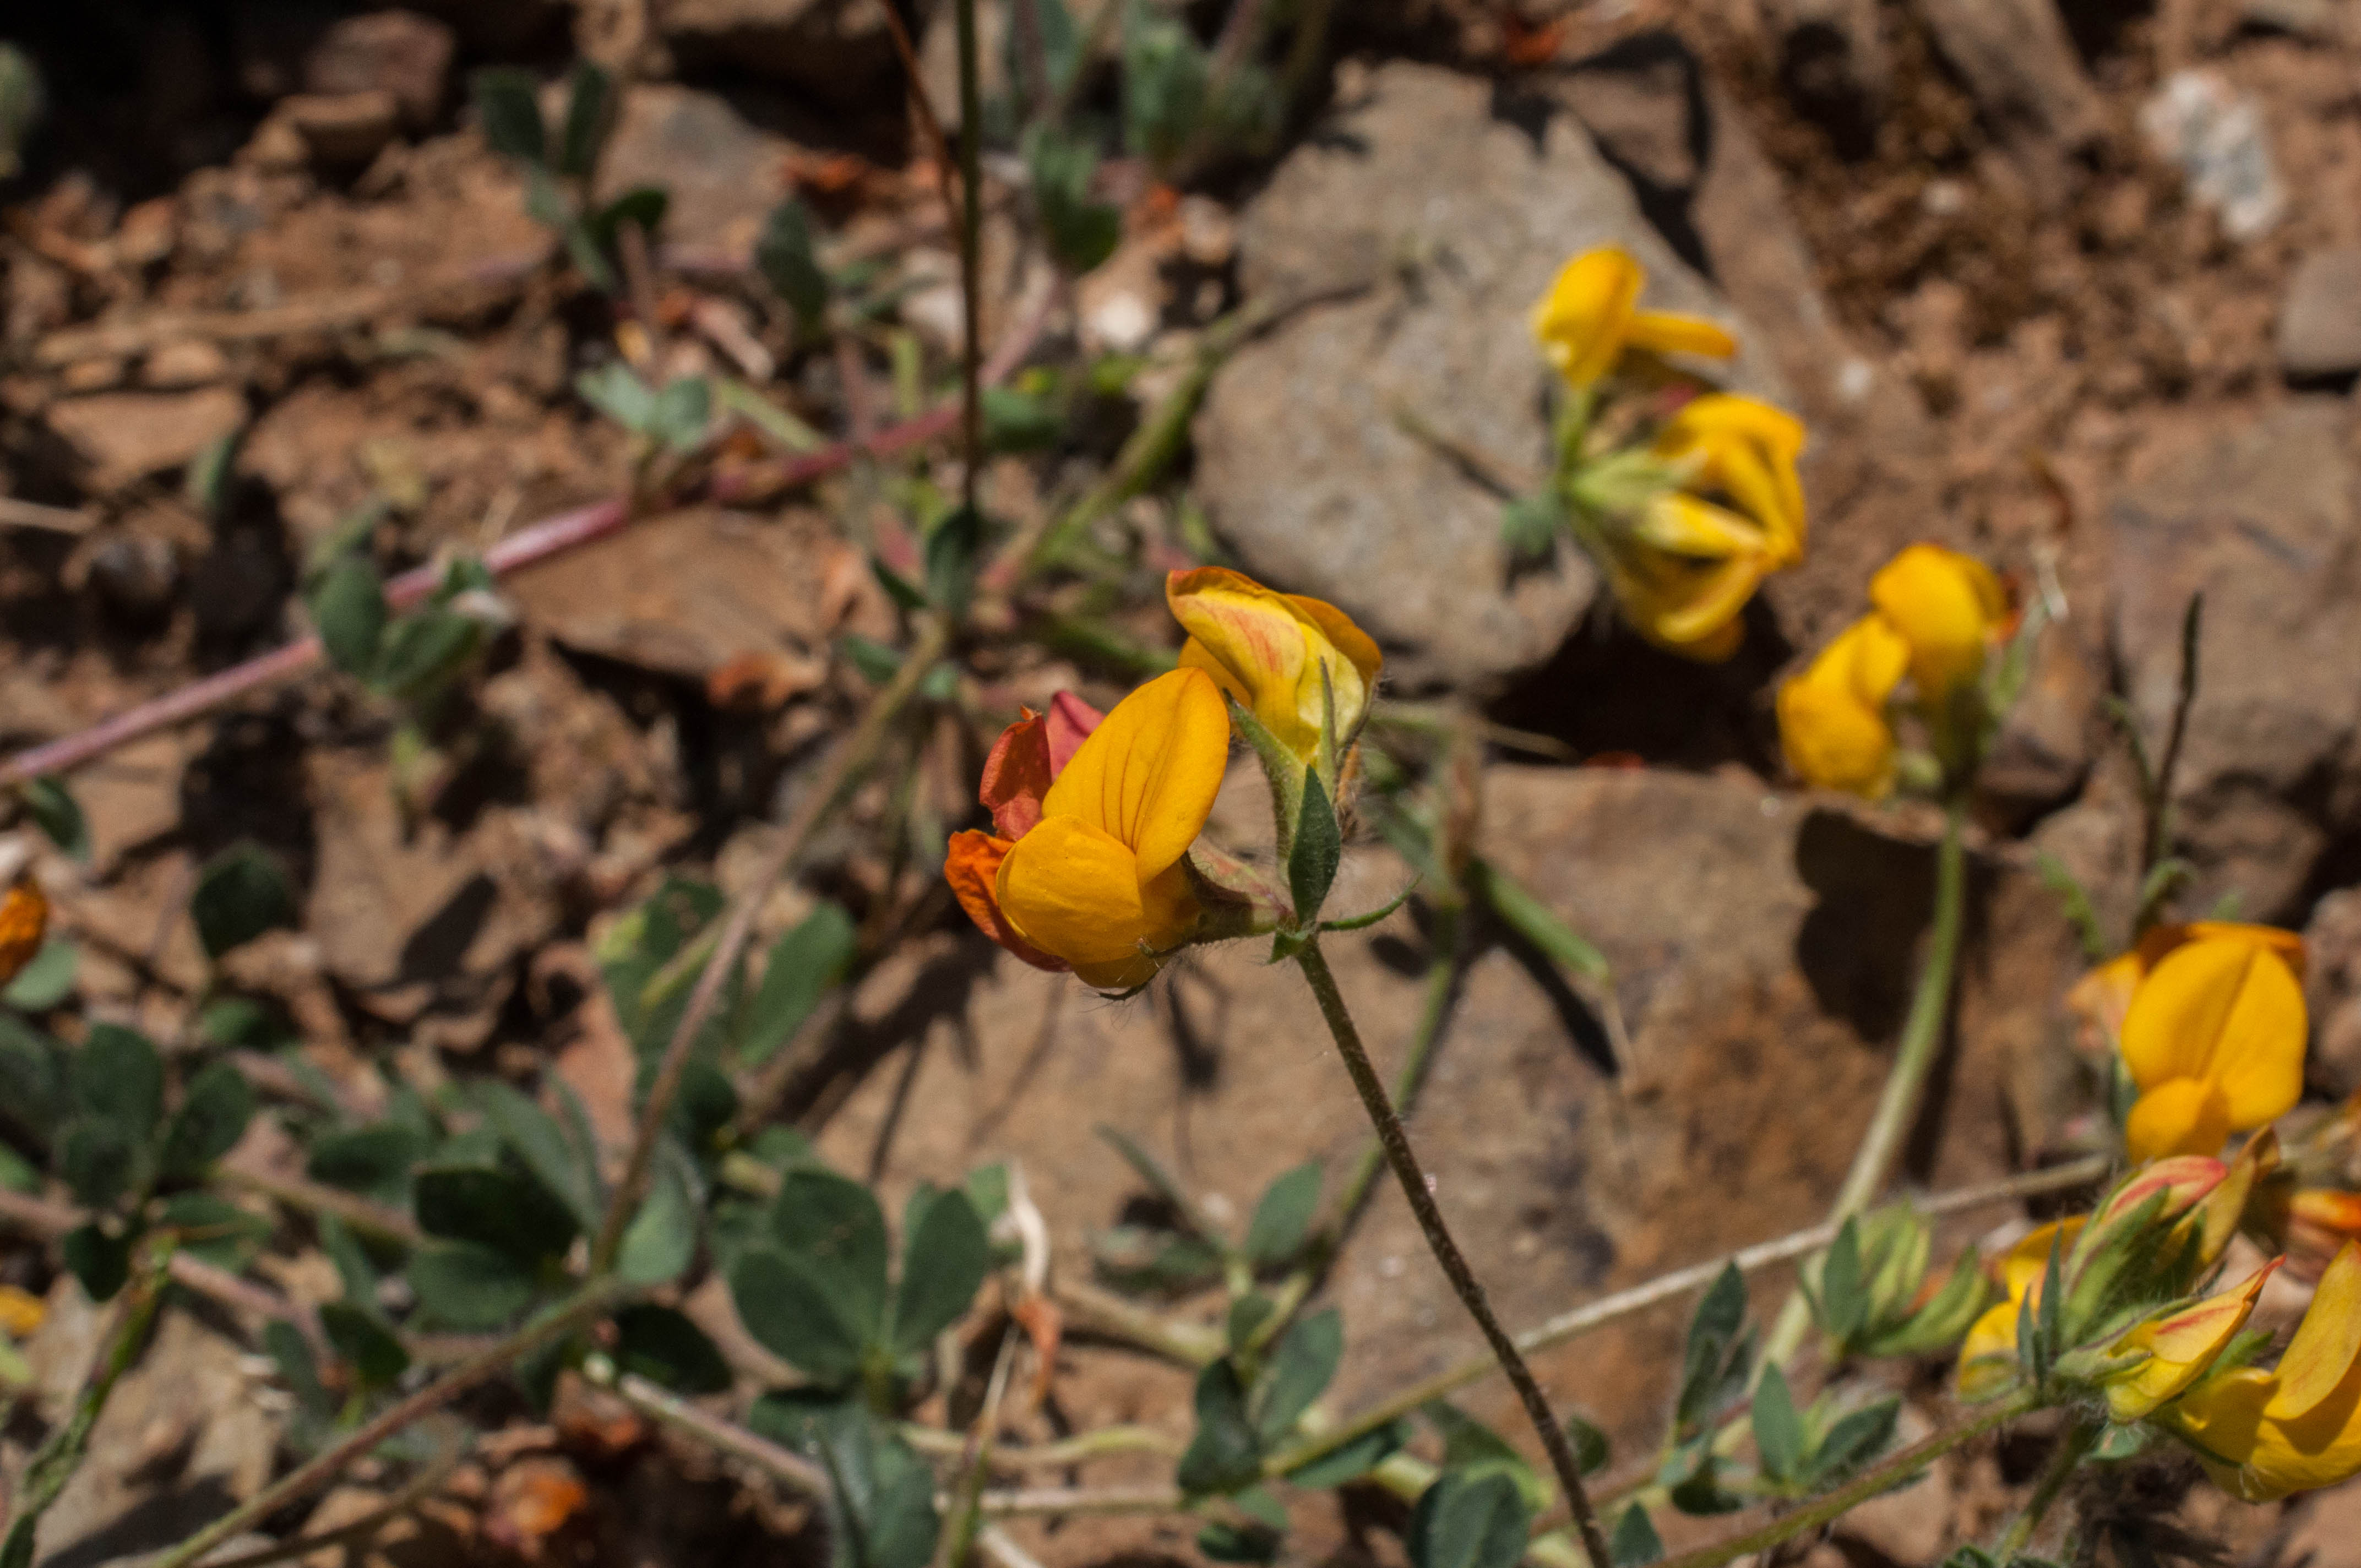 Lotus corniculatus Zapaticos de la Virgen Las Obreras de Aliste CB Artesanos de la Miel Aliste Gallegos del Campo Artesanos de la Miel